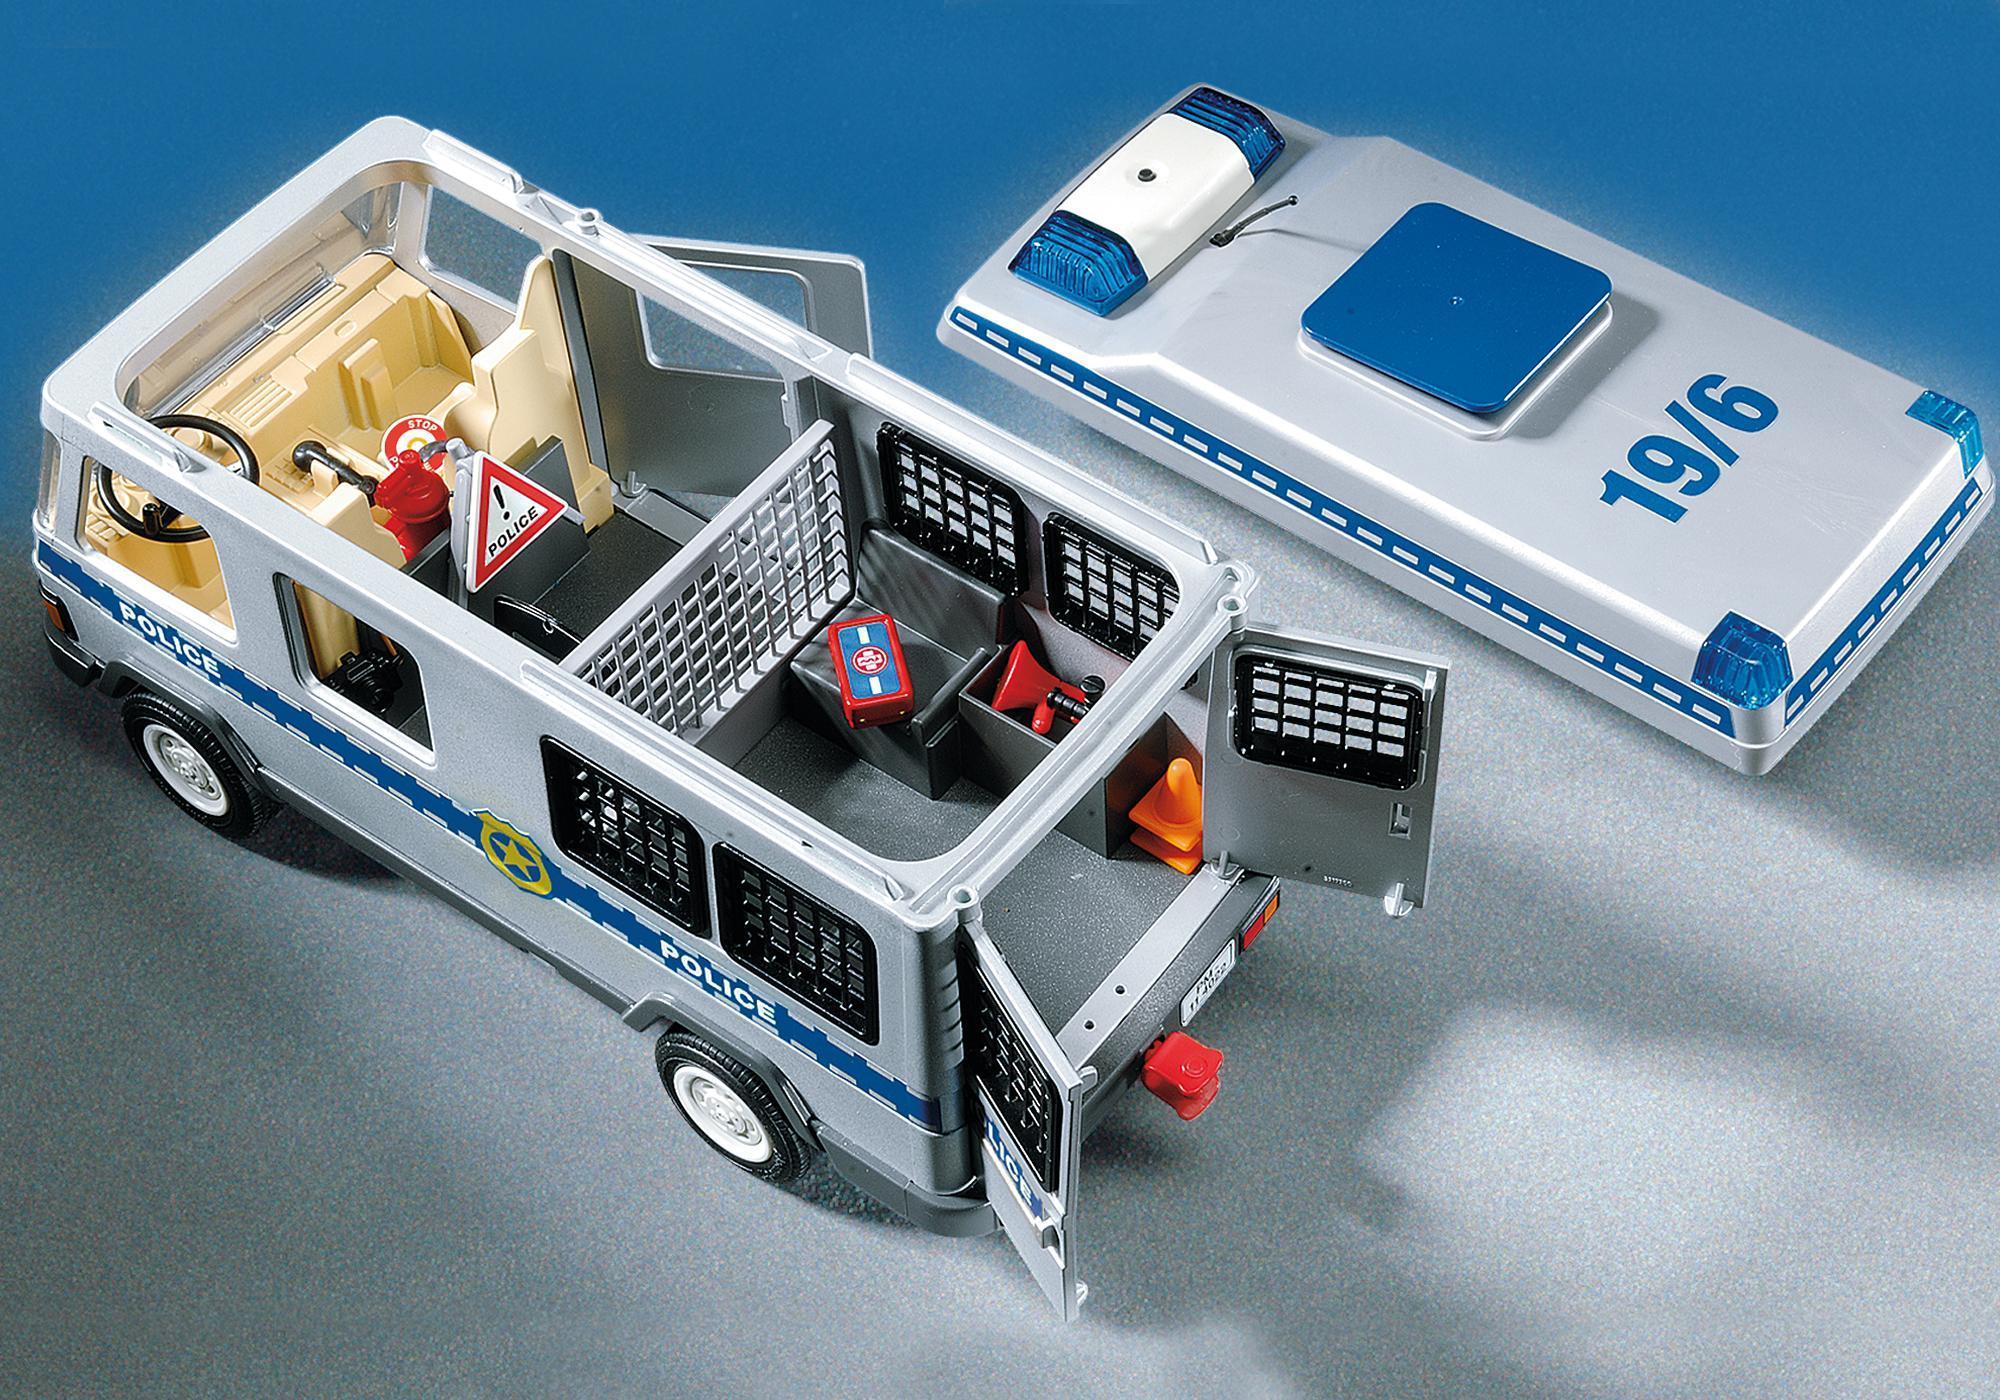 http://media.playmobil.com/i/playmobil/4023_product_extra1/Fourgon équipé et policiers